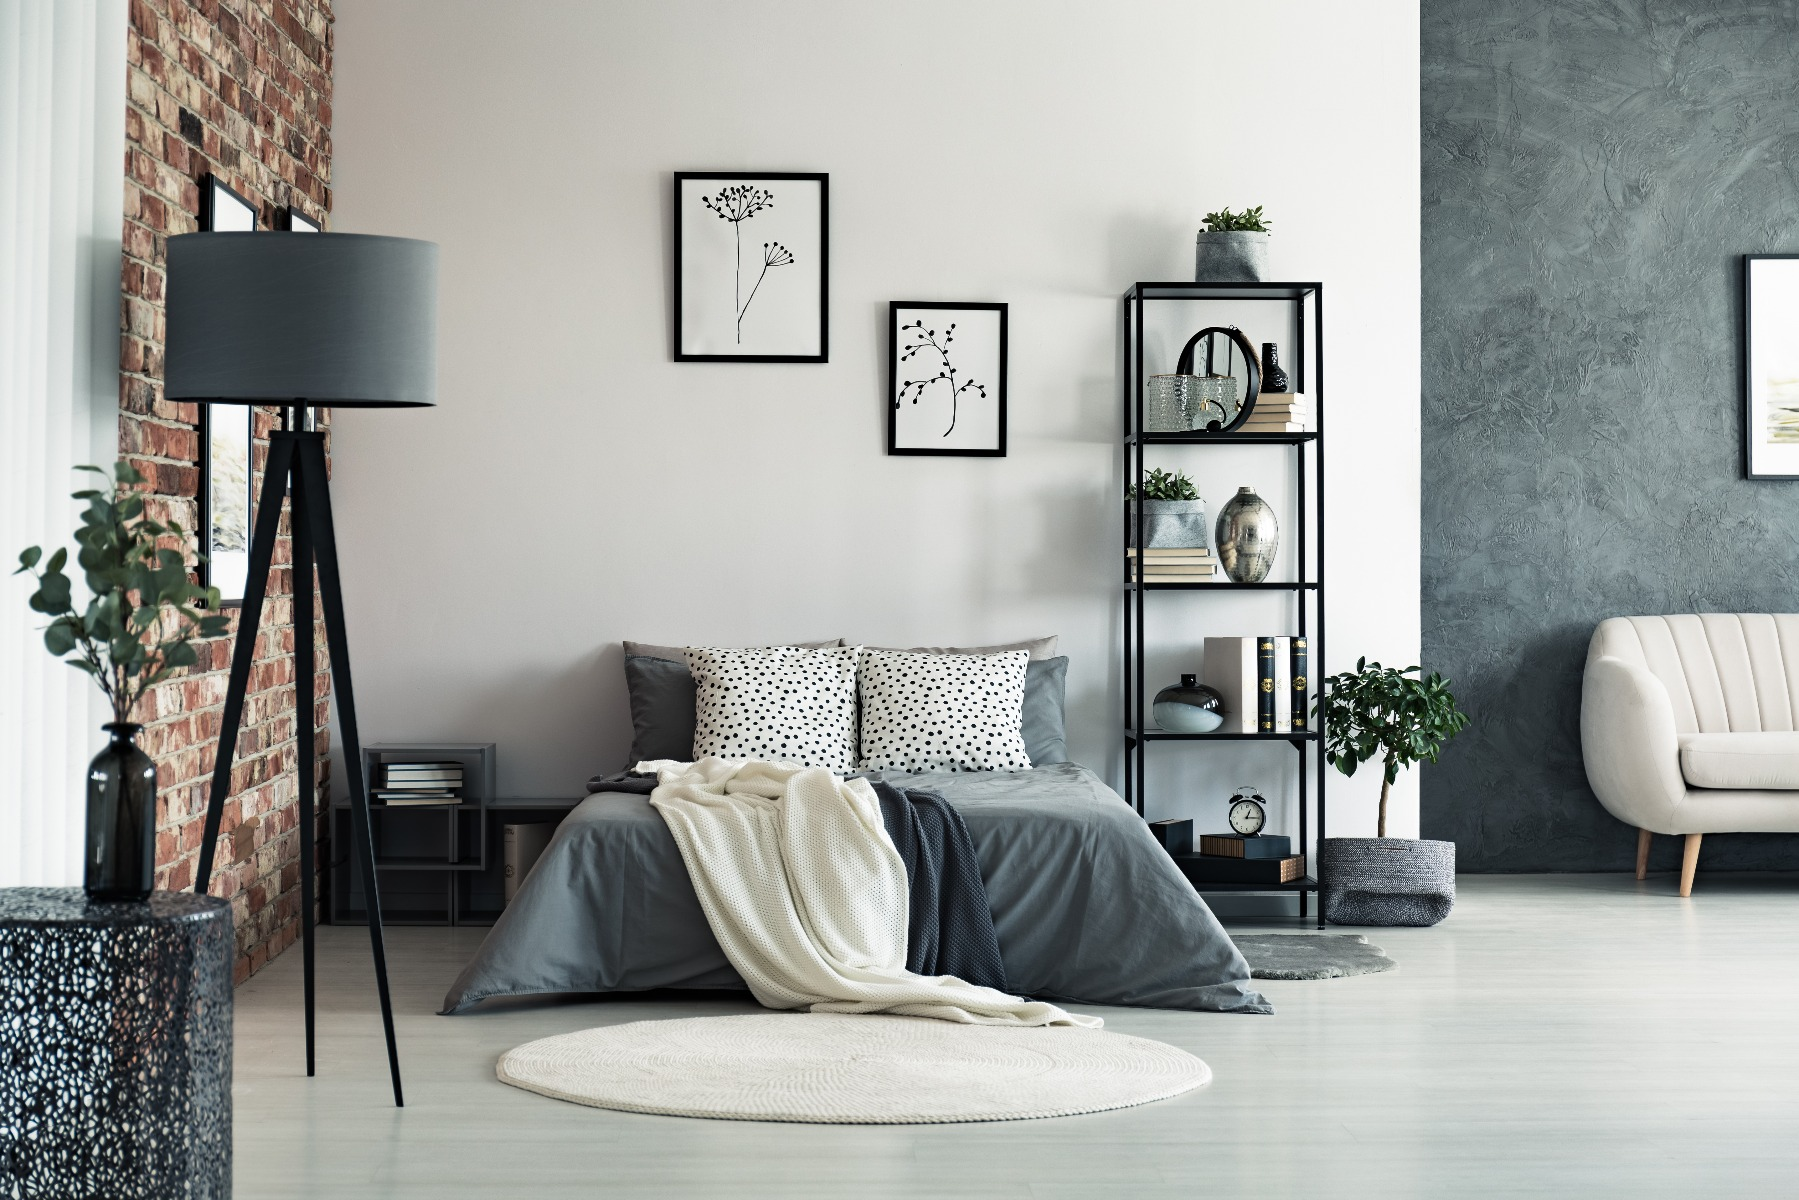 Das Bild zeigt die Schlafzimmer Raumaufteilung.